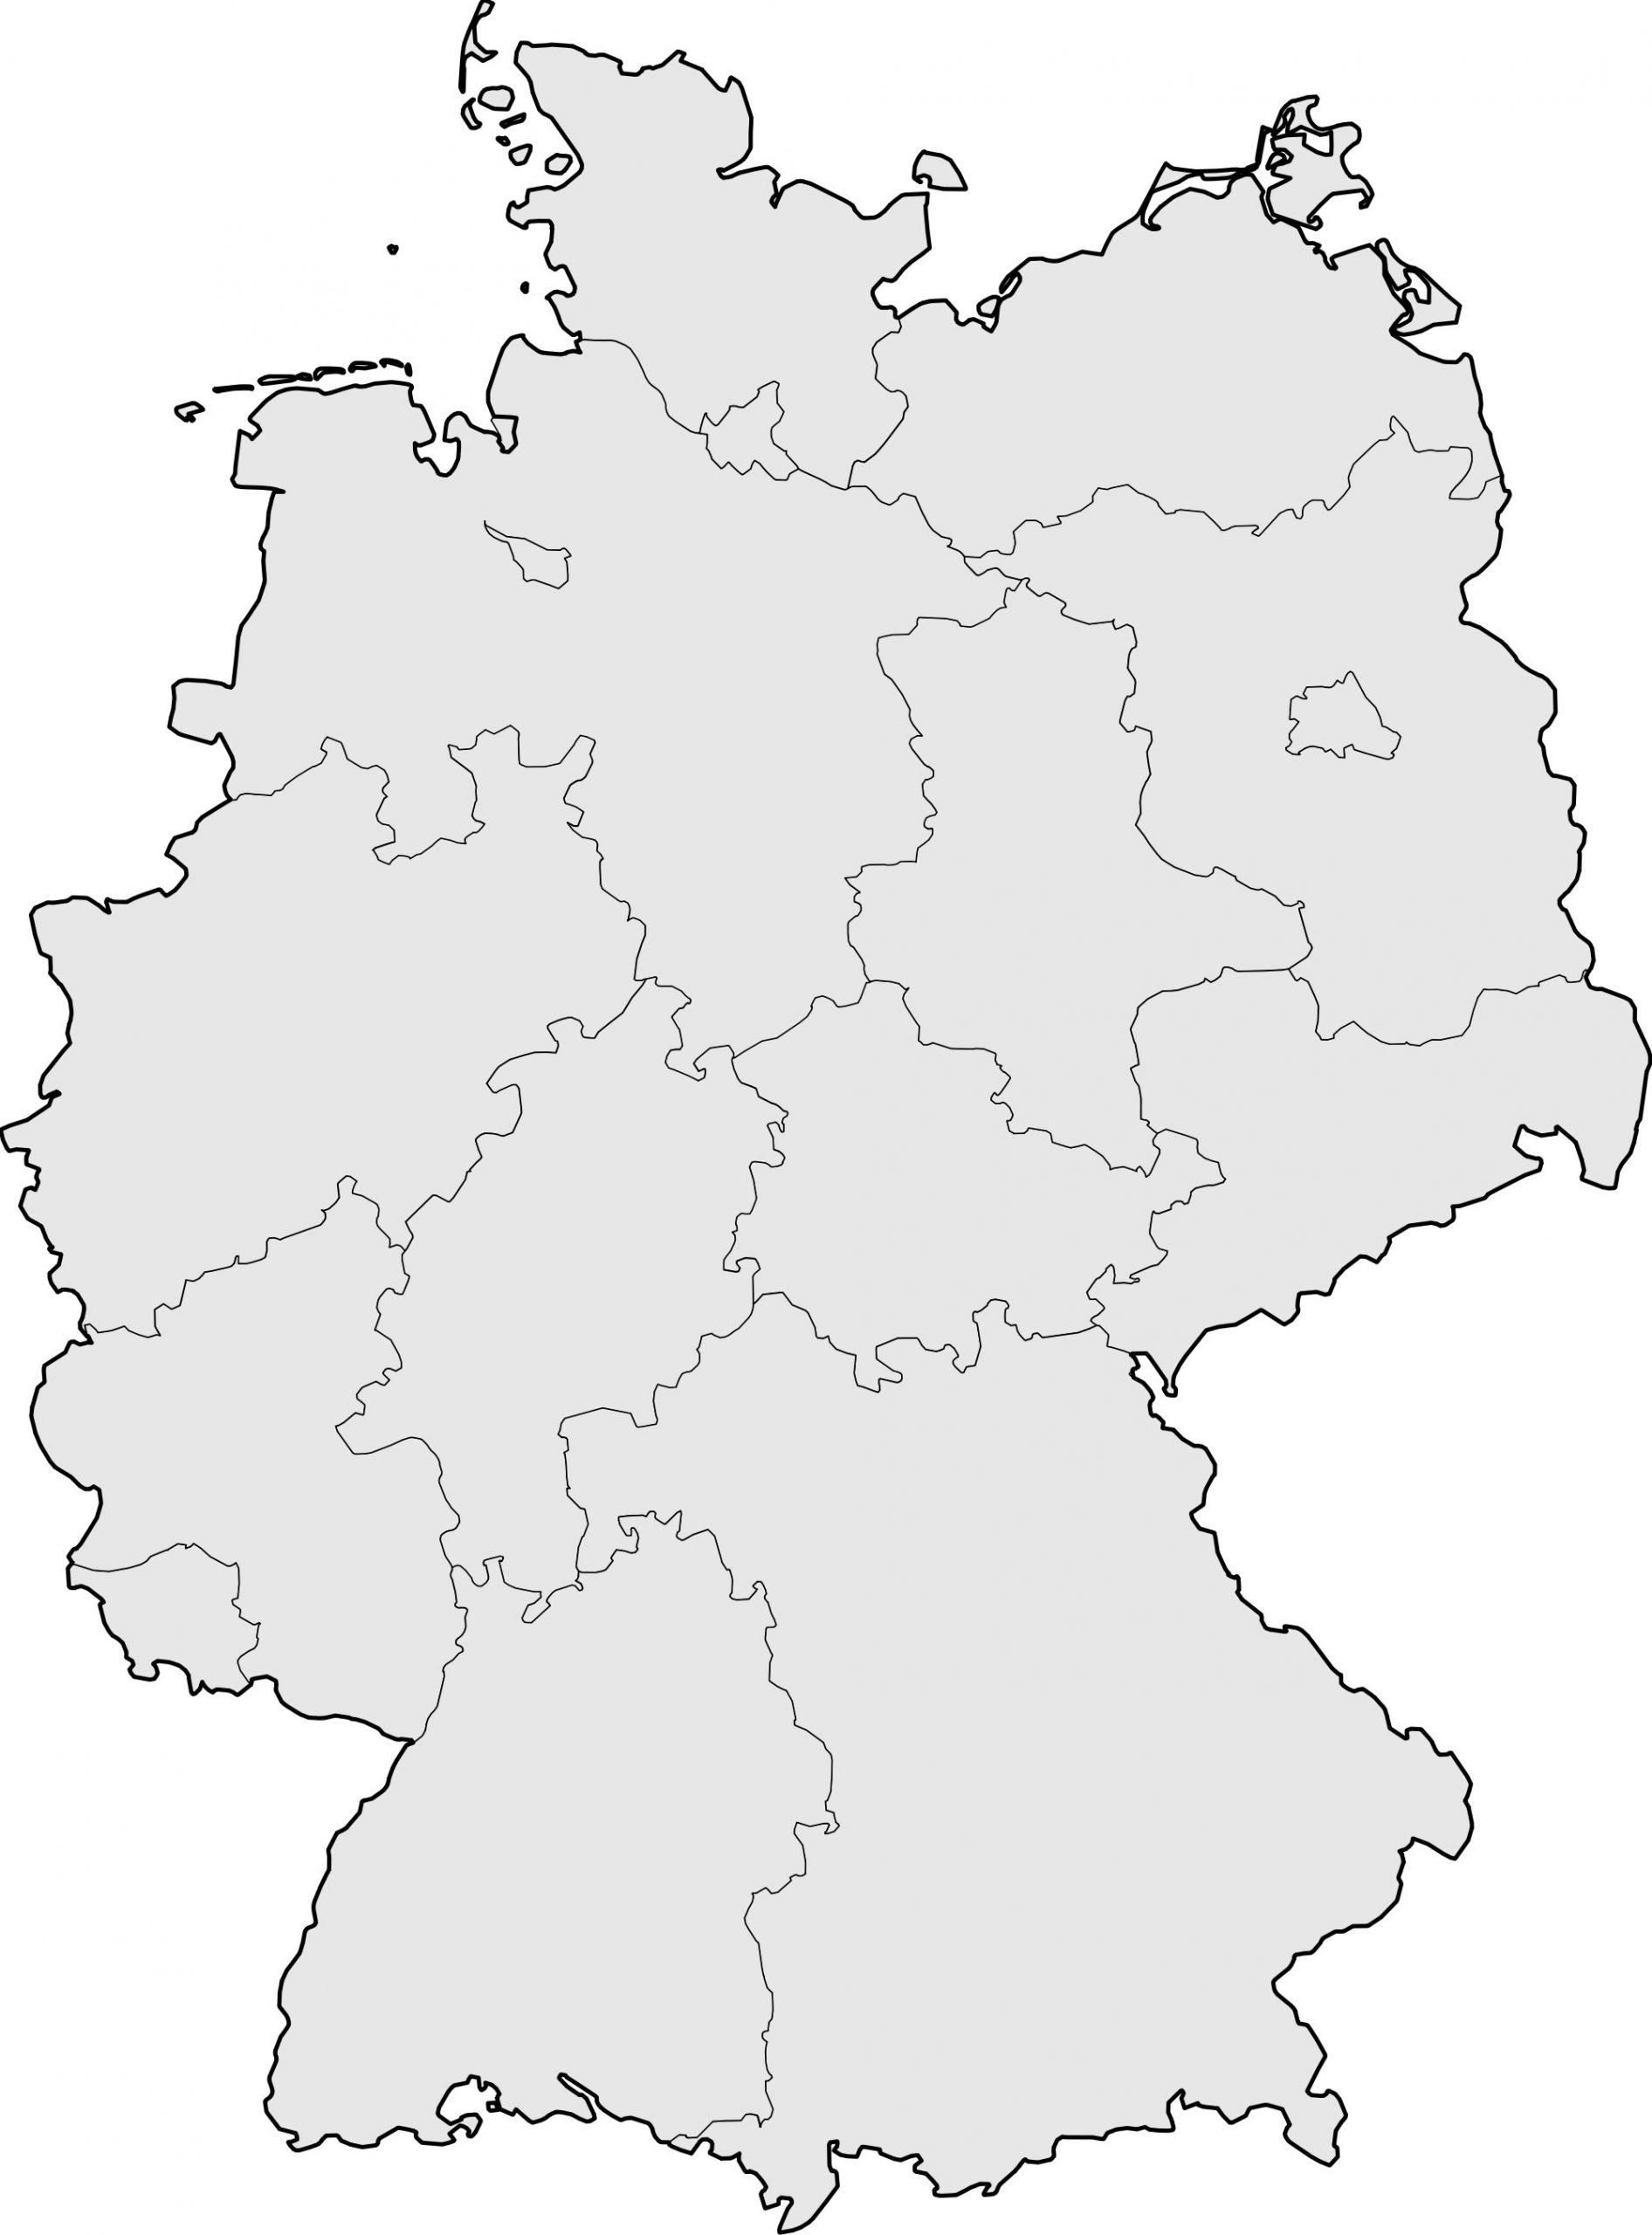 Carte Allemagne Vierge, Carte Vierge De L'allemagne concernant Carte France Région Vierge